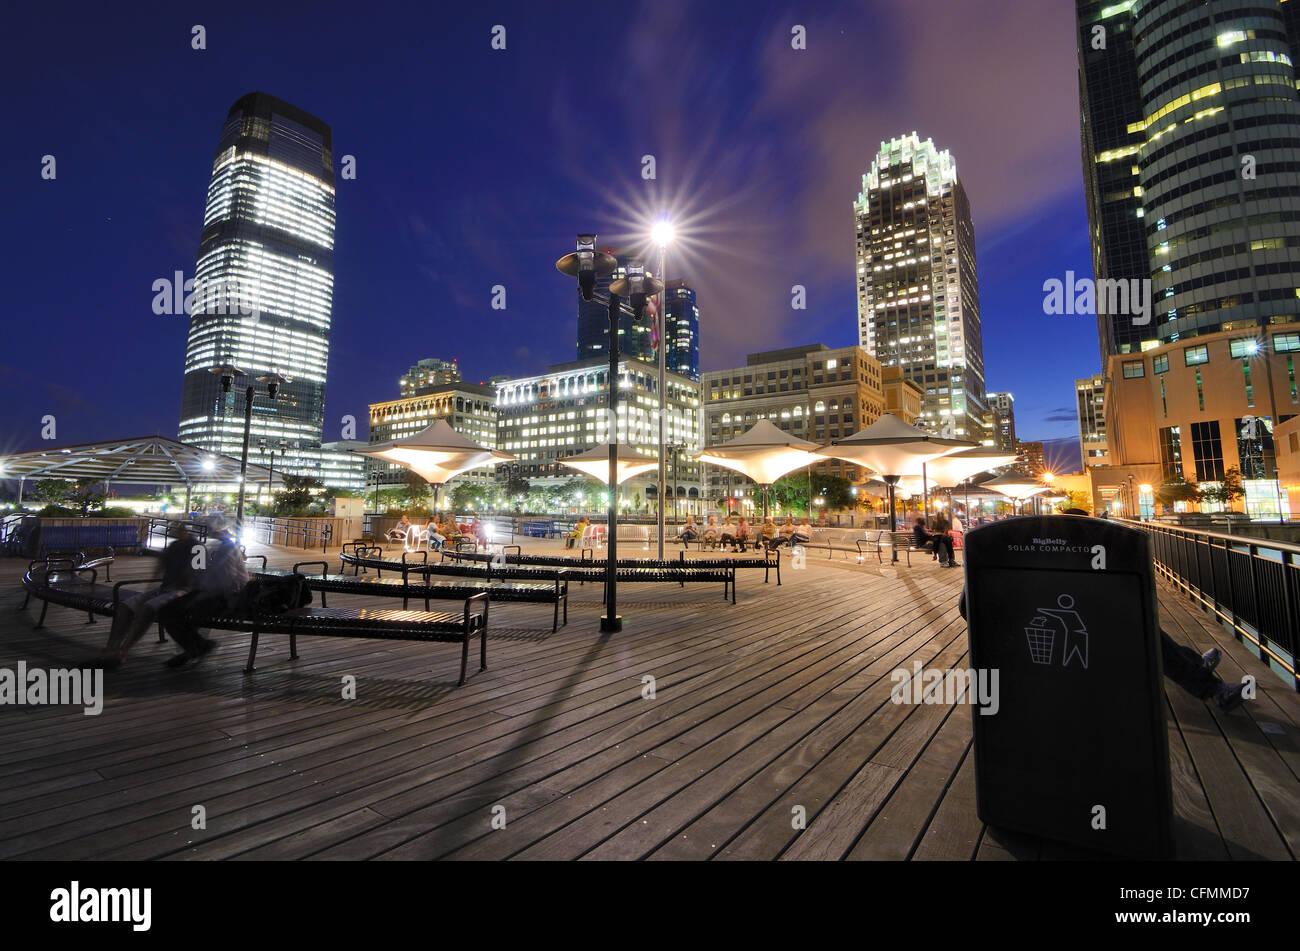 Pier en Exchange Place en Jersey City, Nueva Jersey, EE.UU.. Imagen De Stock